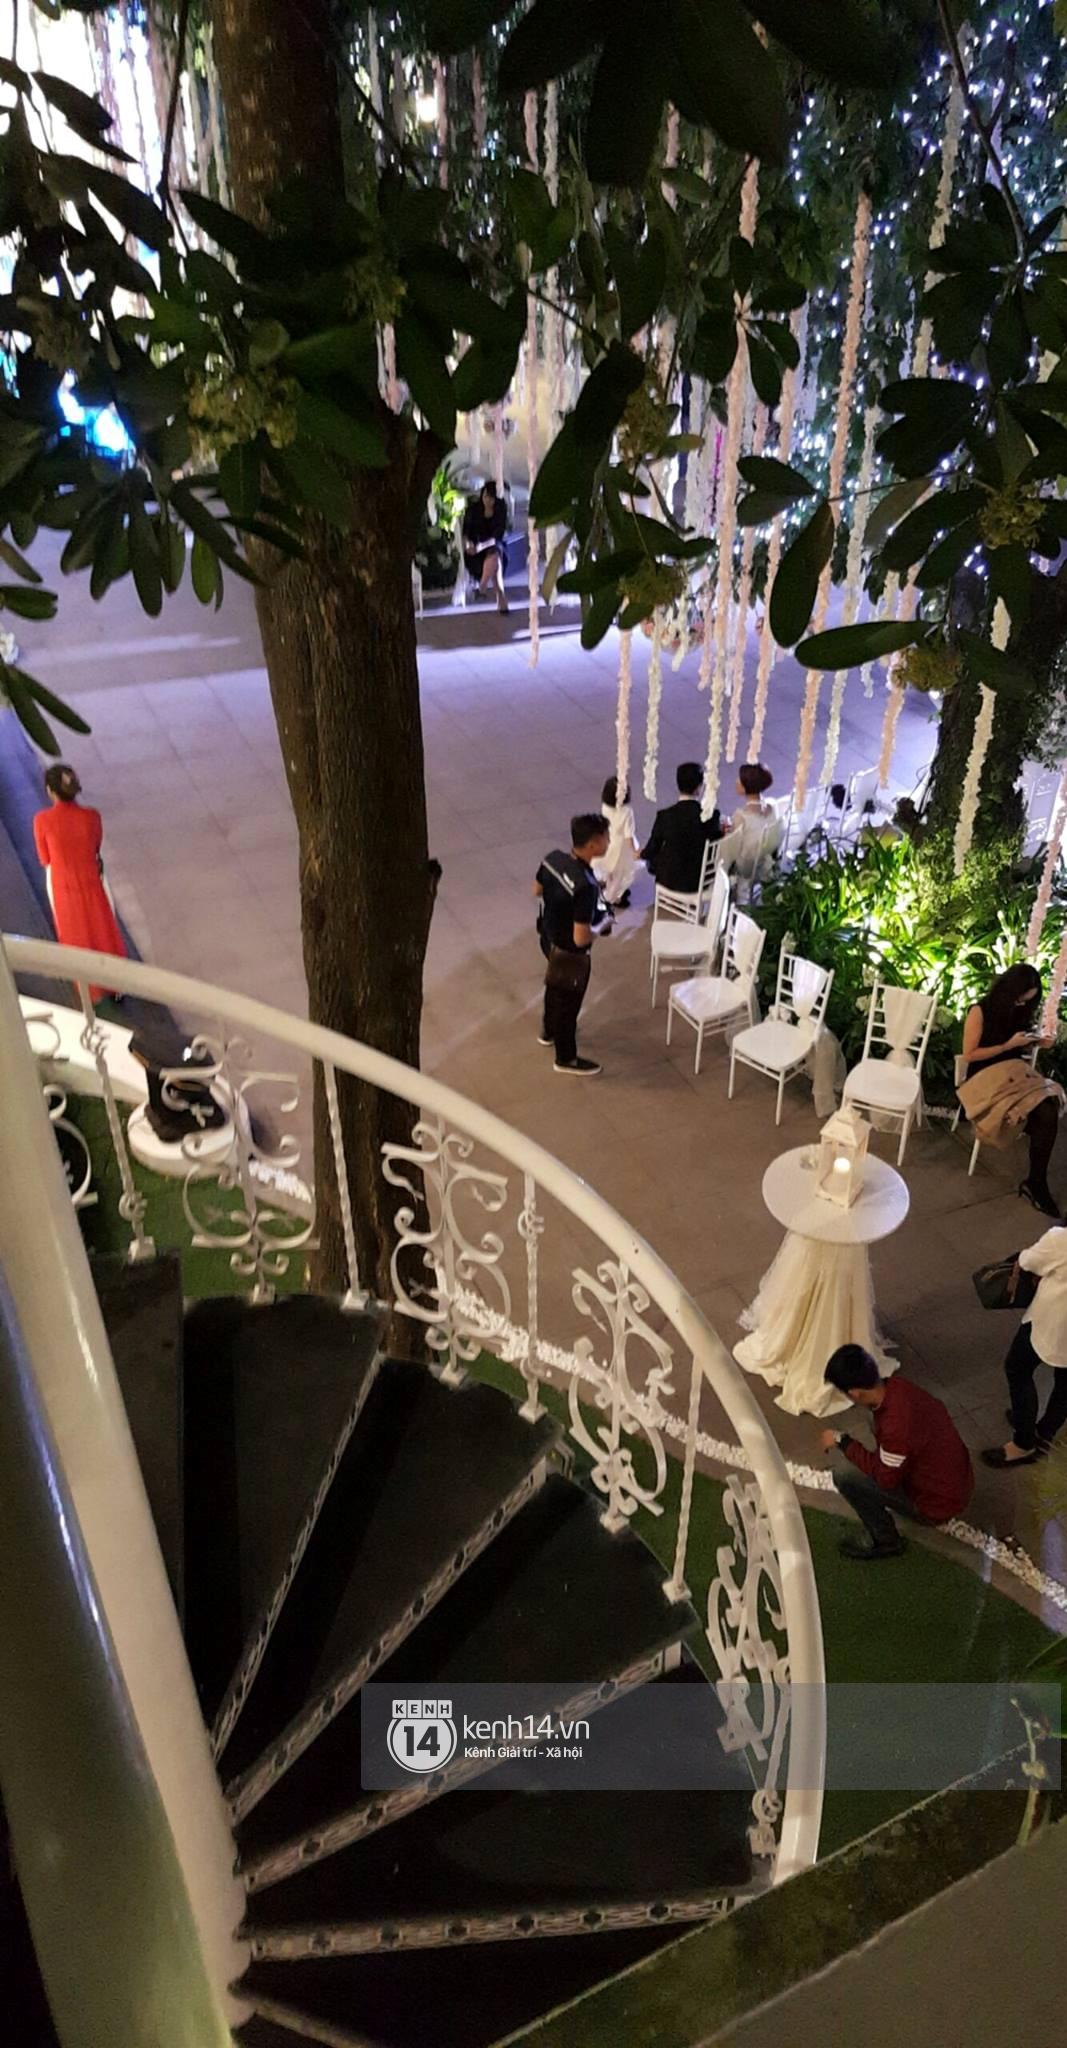 Đám cưới MC Mai Ngọc: Không gian lộng lẫy, cầu kỳ, xứng đáng là đám cưới sang chảnh nhất Hà Nội hôm nay - Ảnh 8.